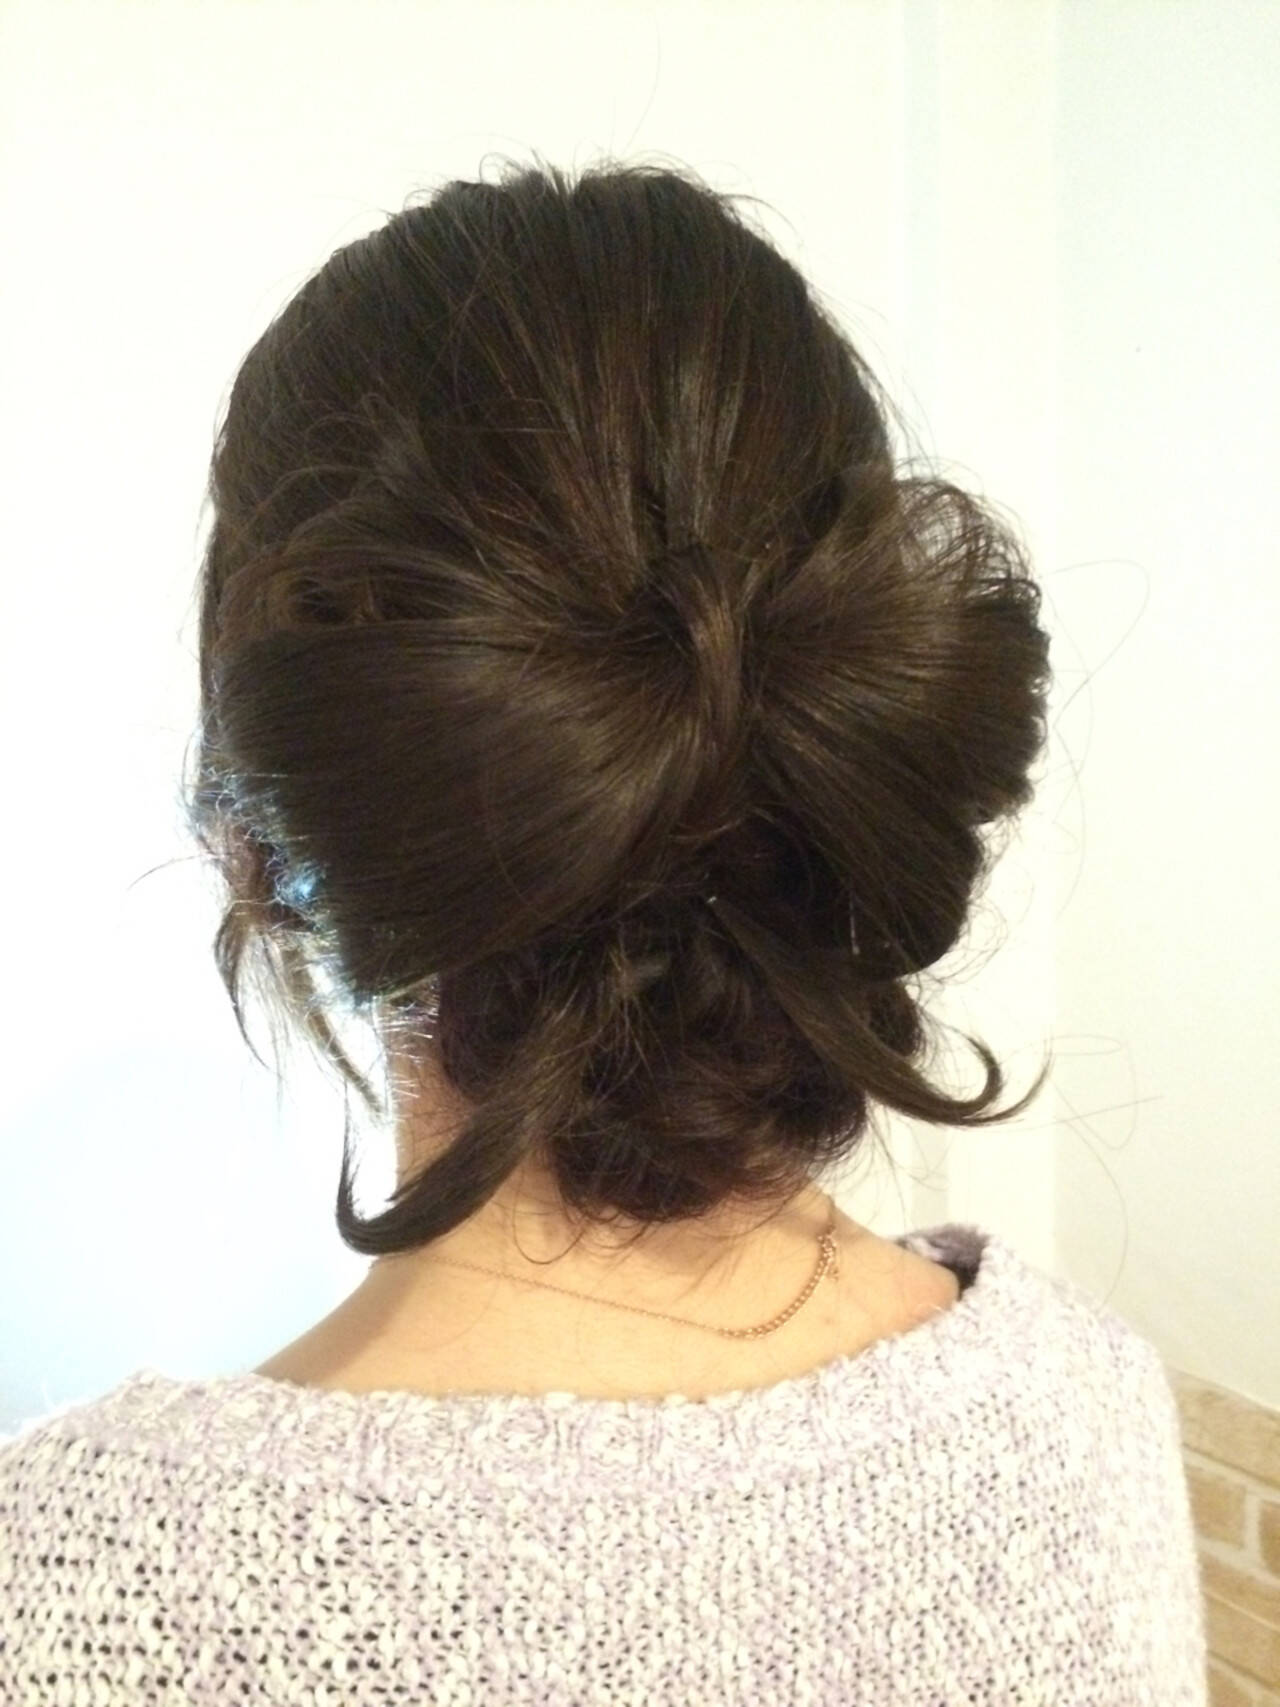 アップスタイル 結婚式 編み込み ヘアアレンジヘアスタイルや髪型の写真・画像